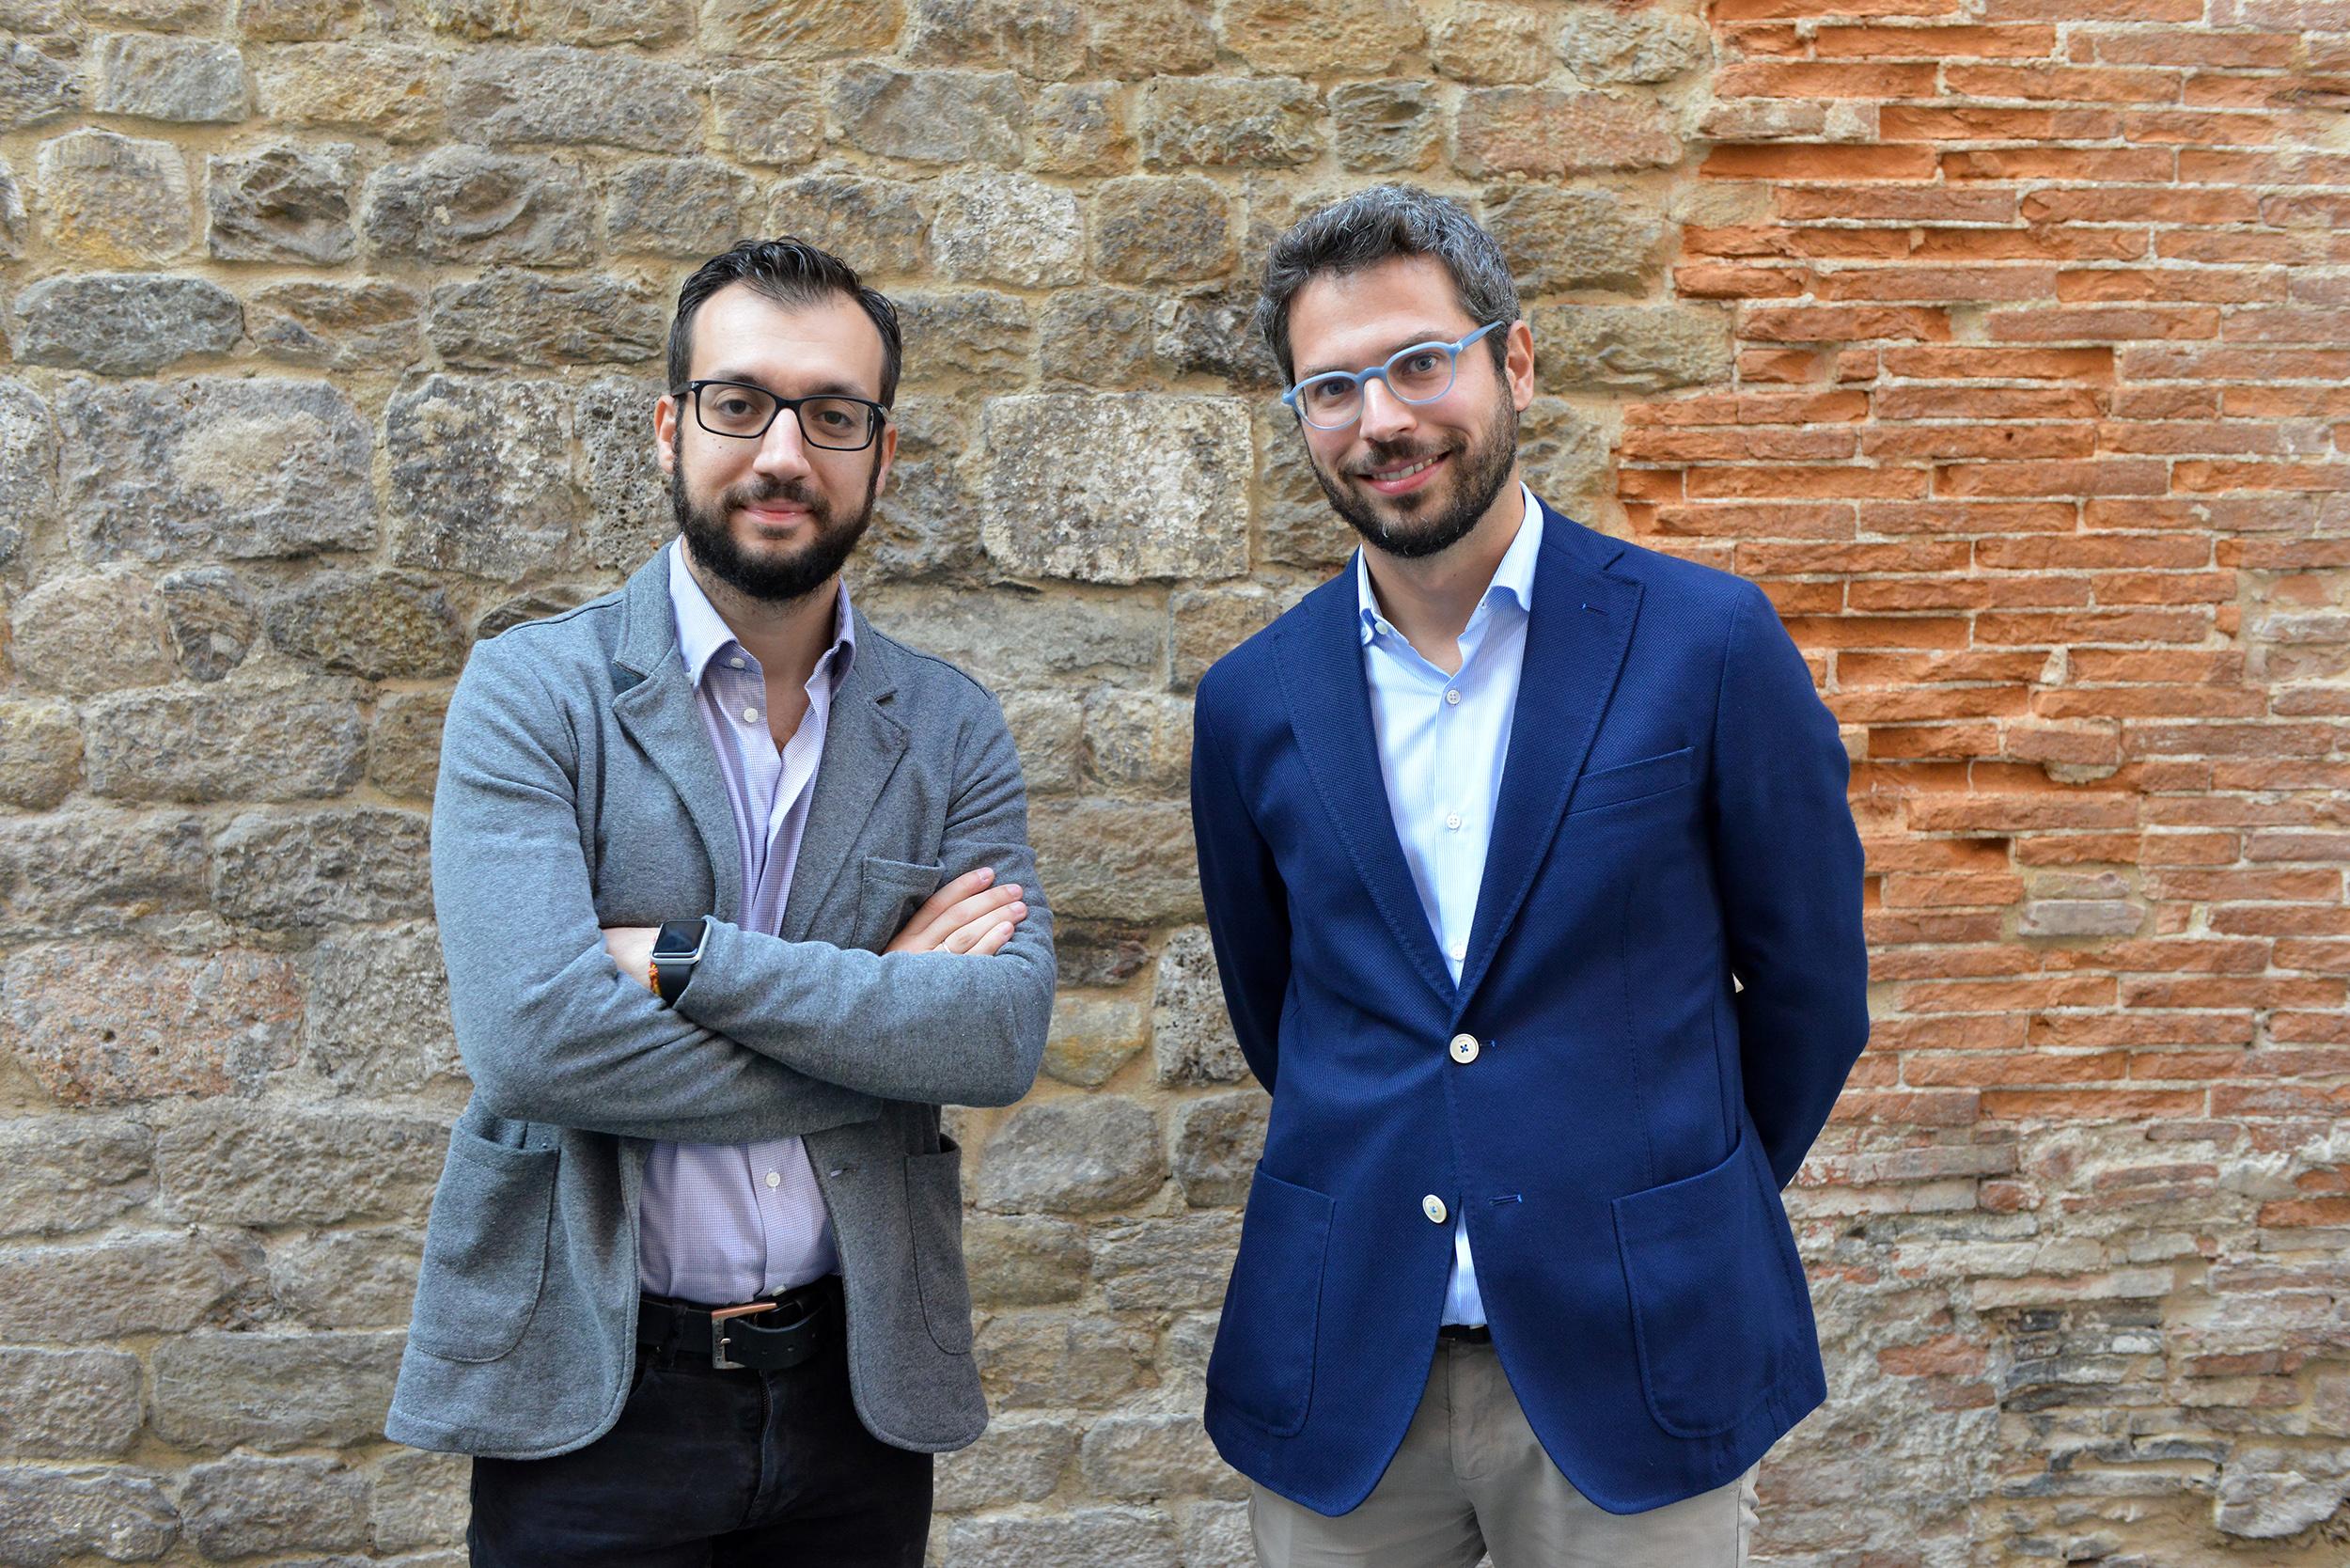 Simone Cosimi e Alberto Rossetti: Alberto Rossetti (credit: Nicola Gronchi)